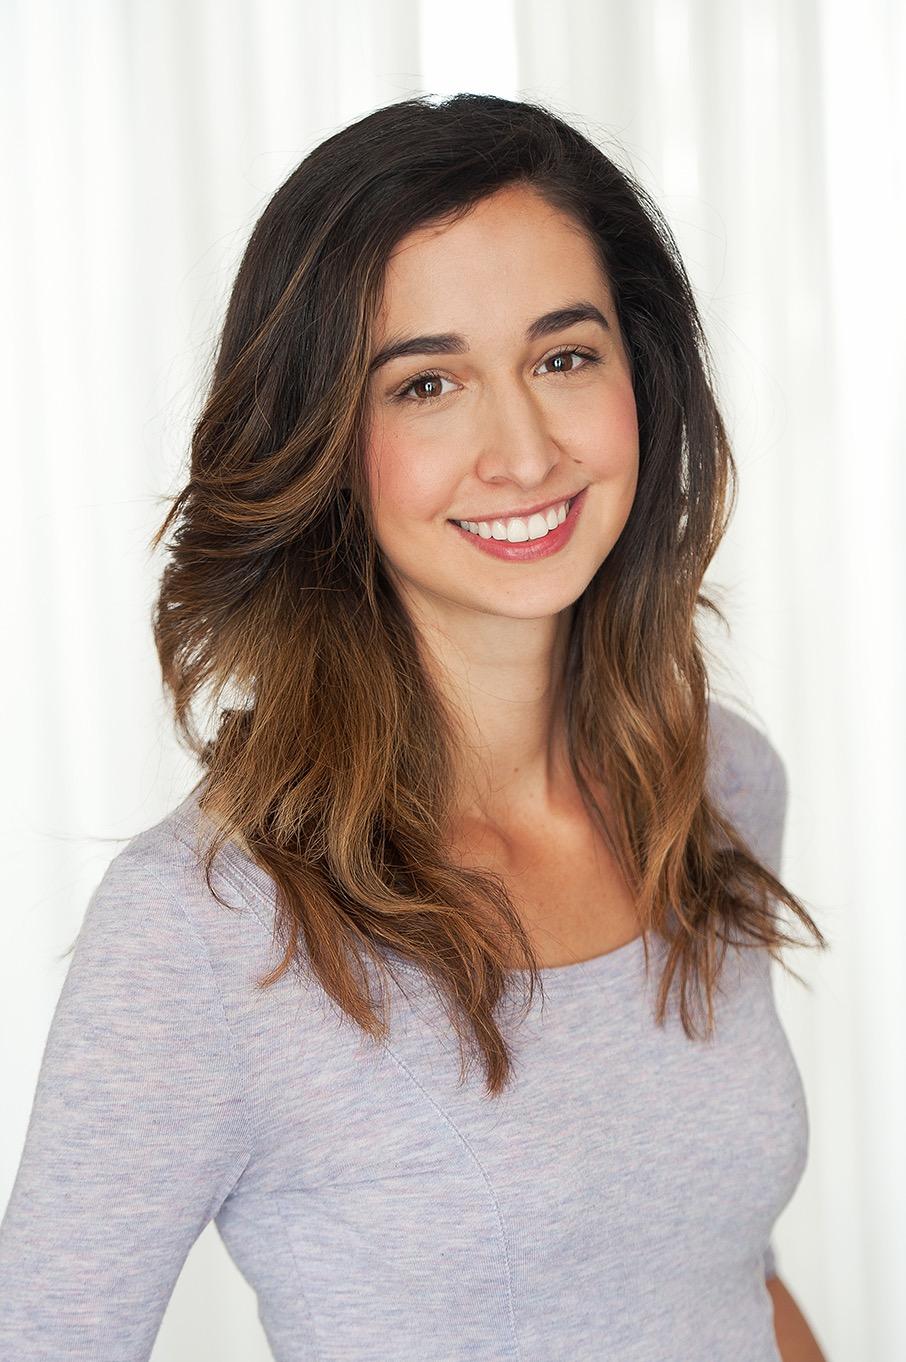 Stephanie Robalino